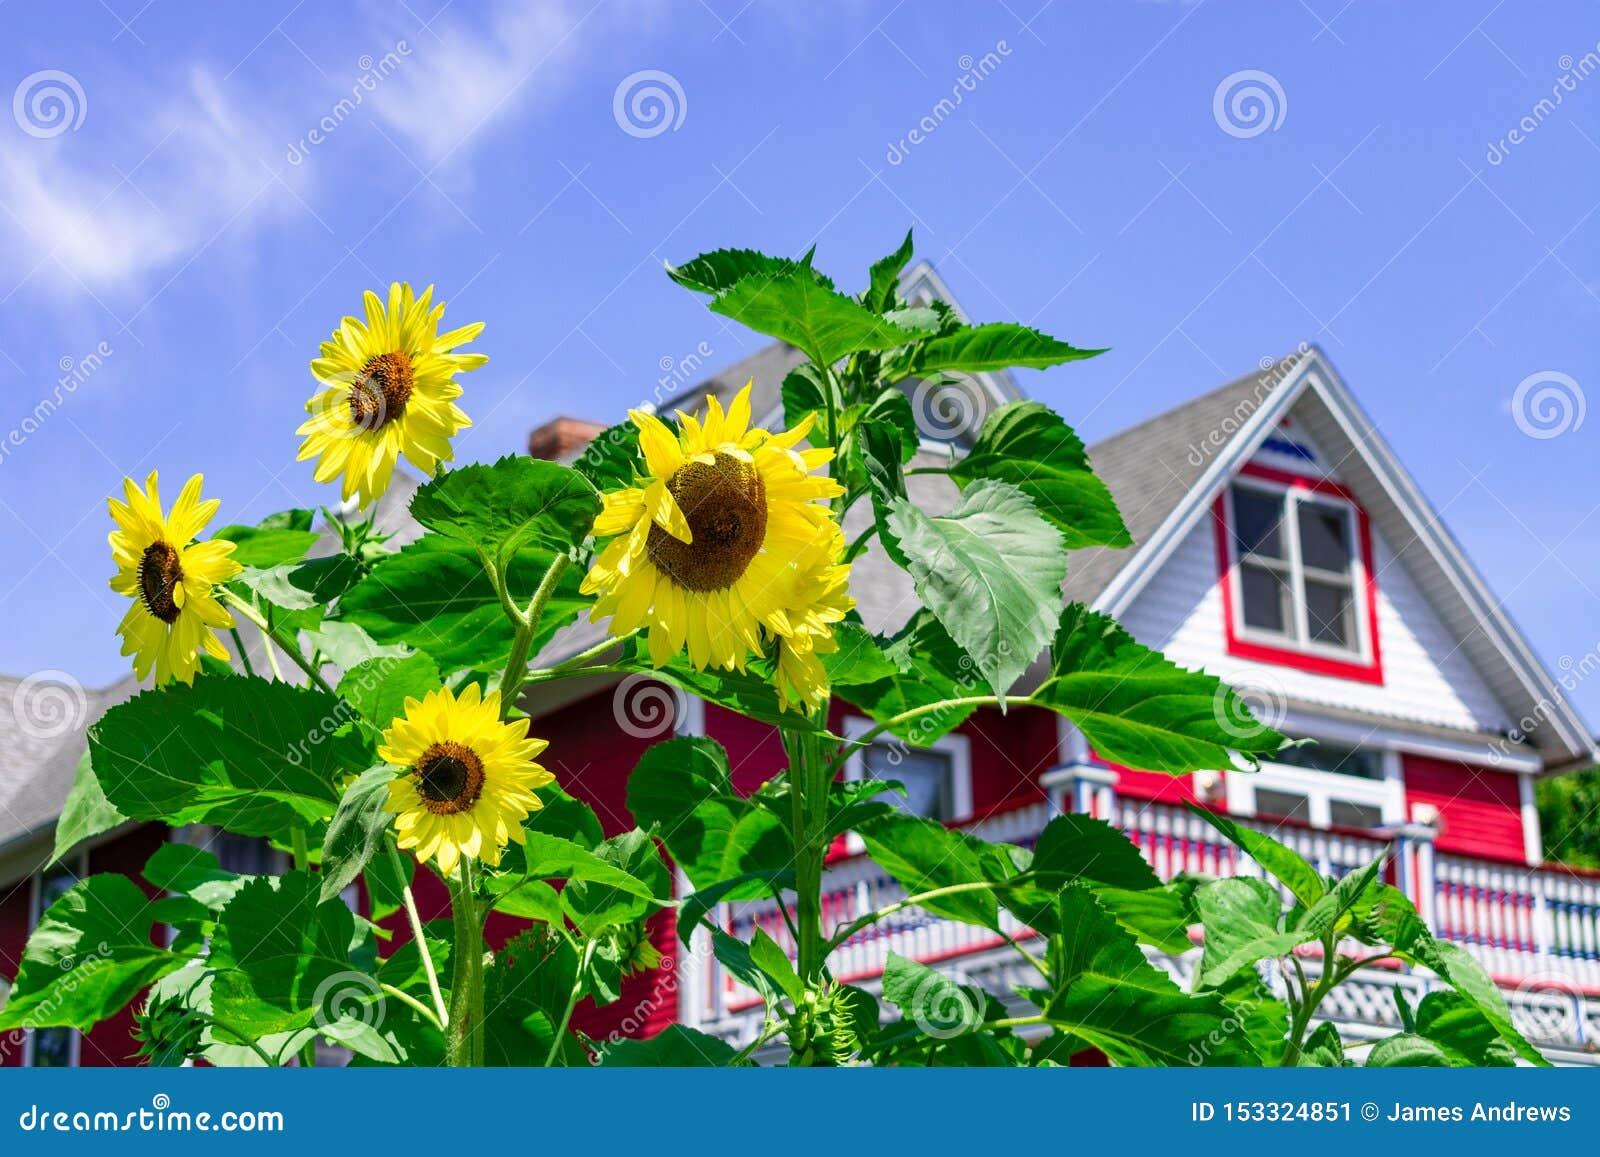 Sonnenblumen vor einem roten Landhaus